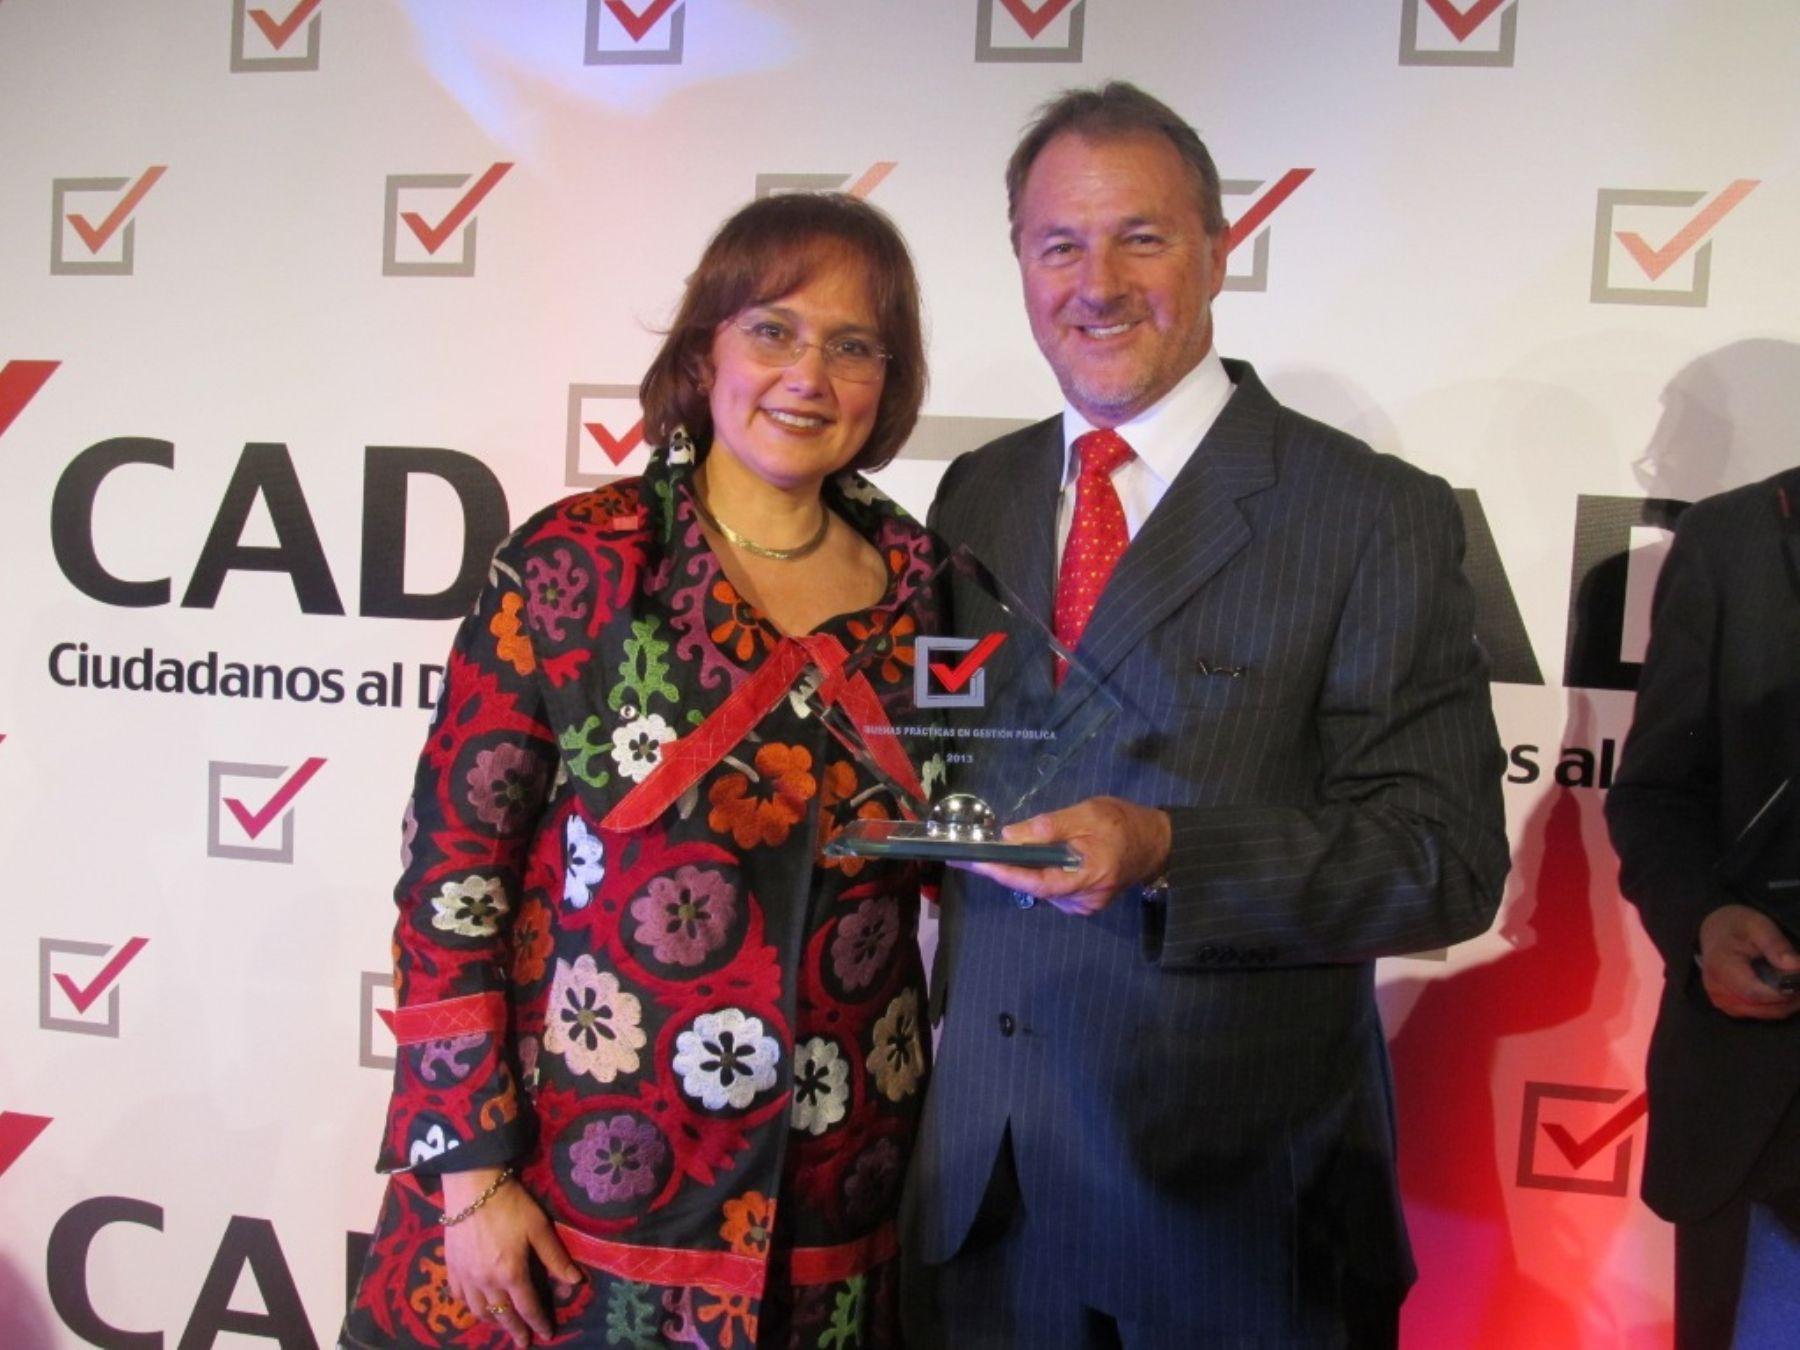 Alcalde distrital de Miraflores, Jorge Muñoz Wells, recibe premio Buenas Prácticas en Gestión Pública 2013 de manos de la titular de Ciudadanos al Día, Beatriz Boza.